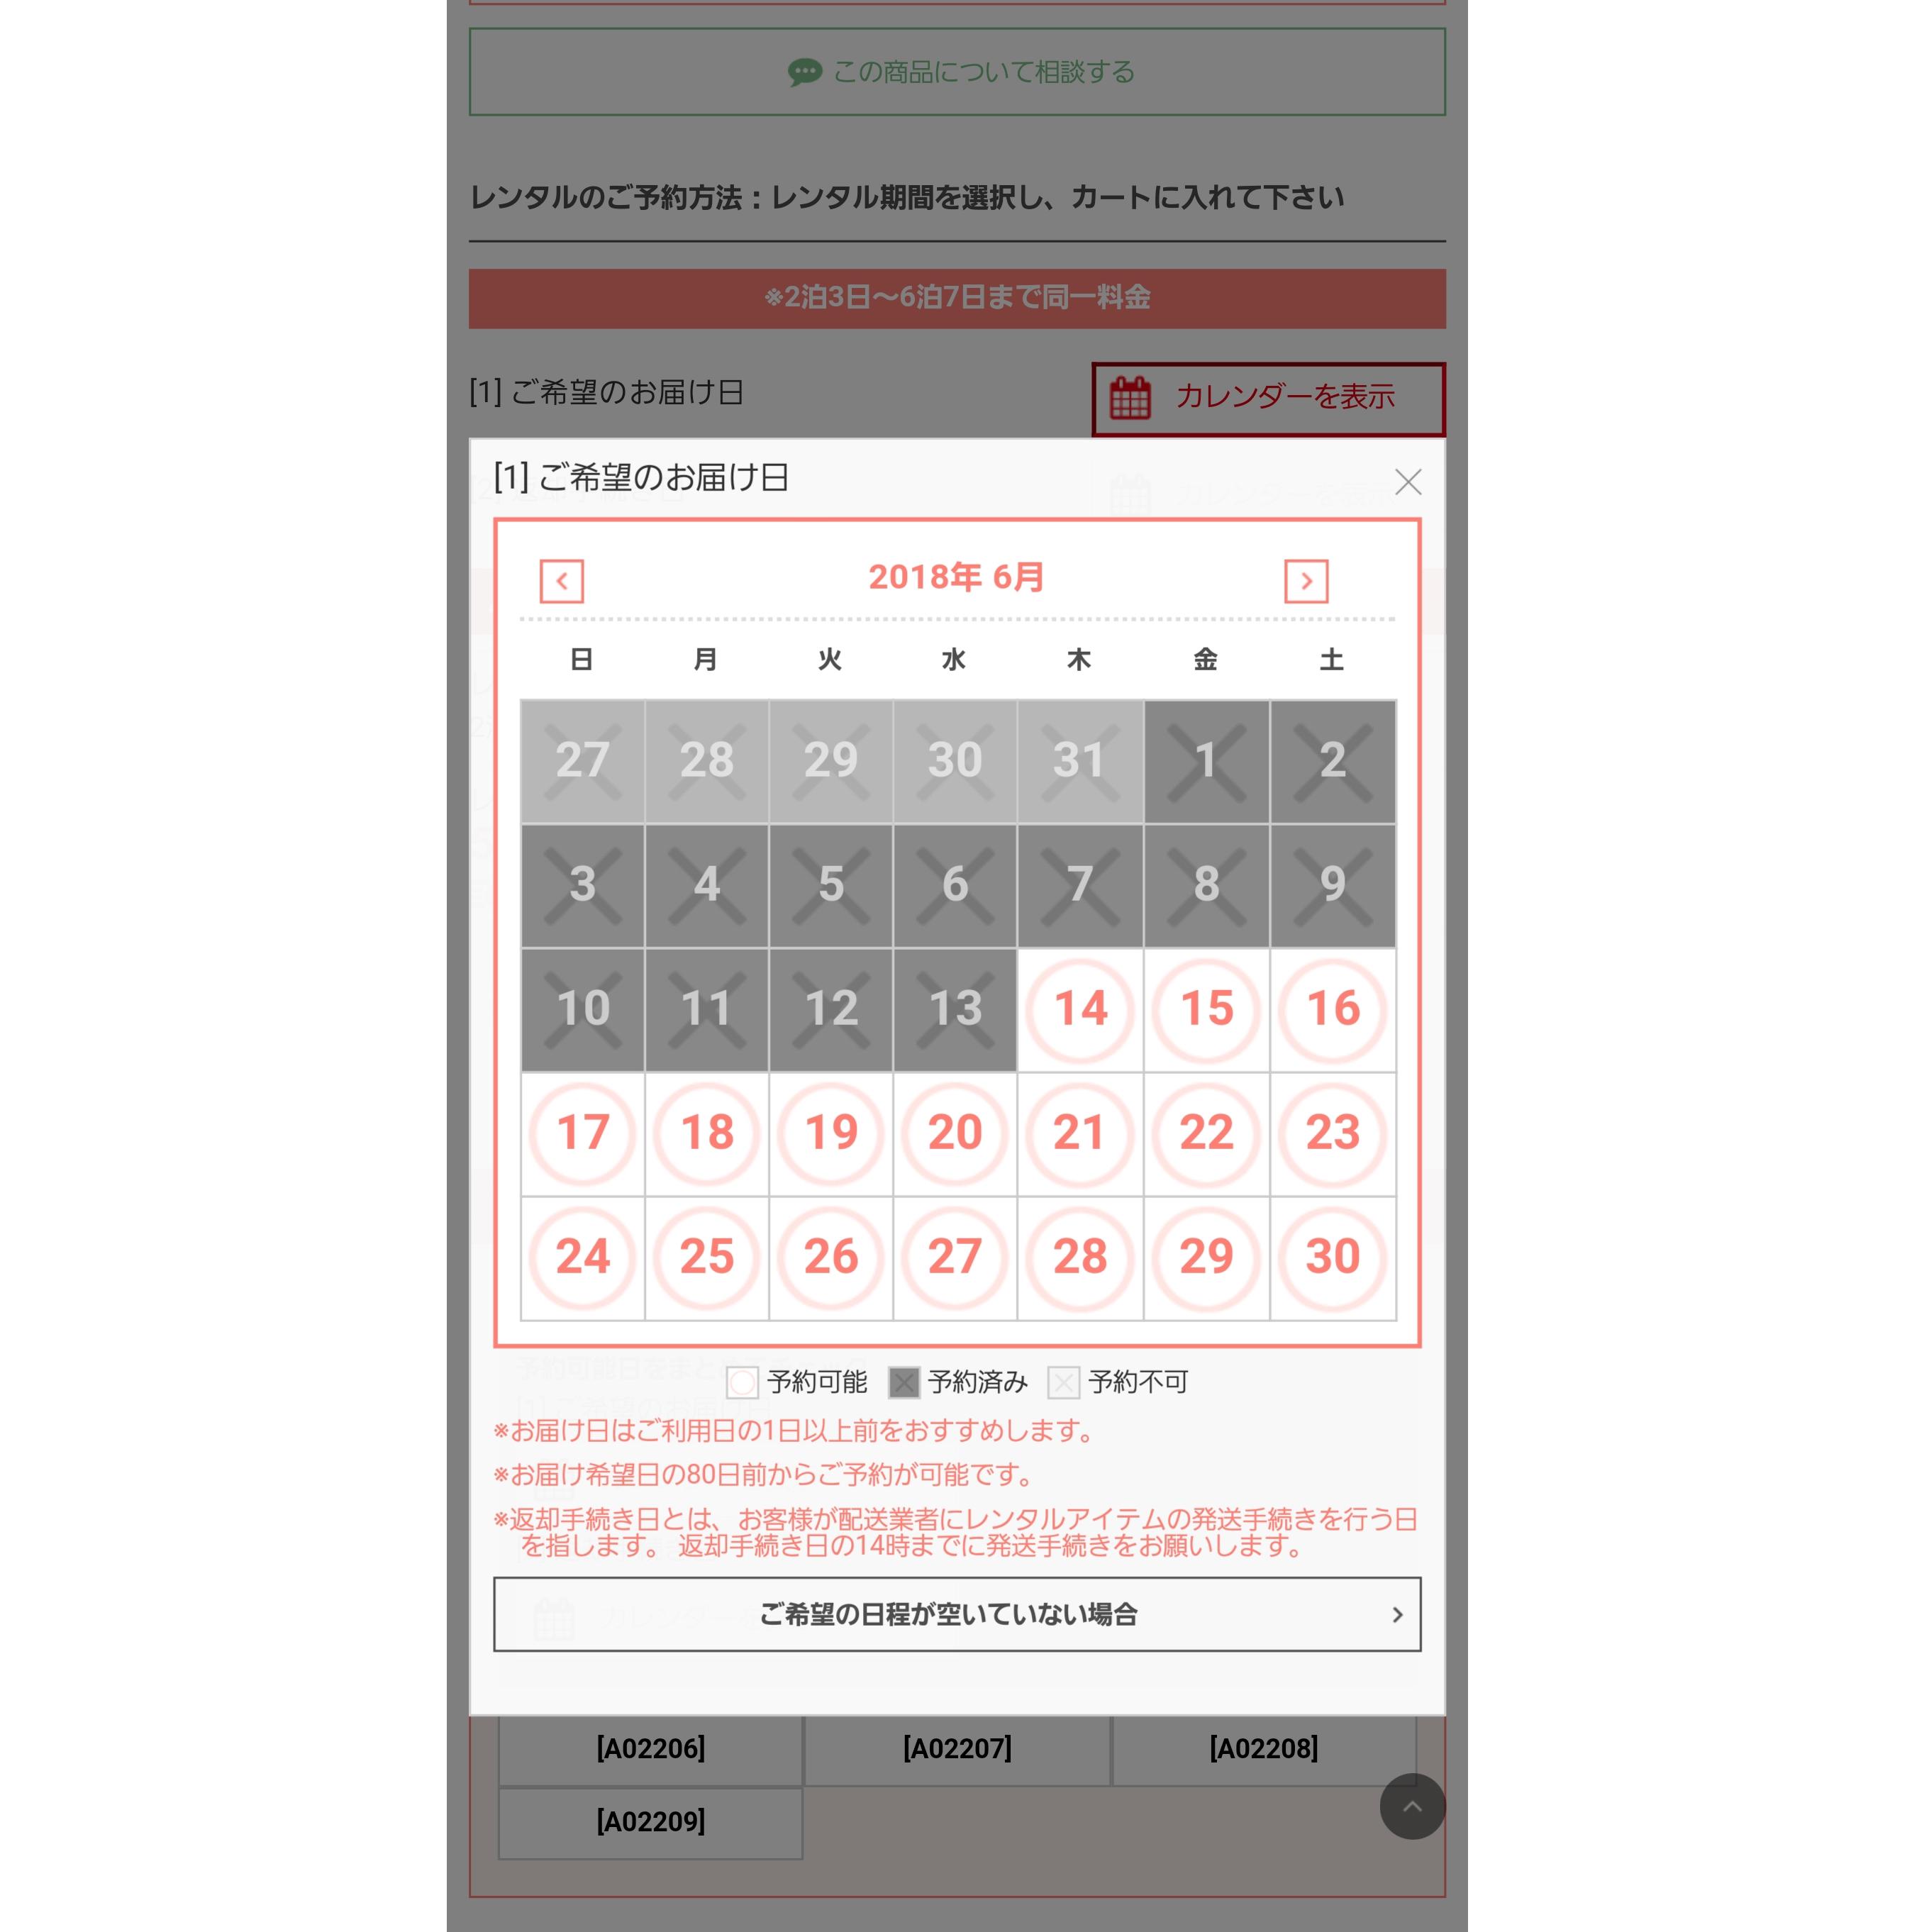 商品ページのカレンダーで「お届け日」と「返却日」を選んで商品をカートに入れます